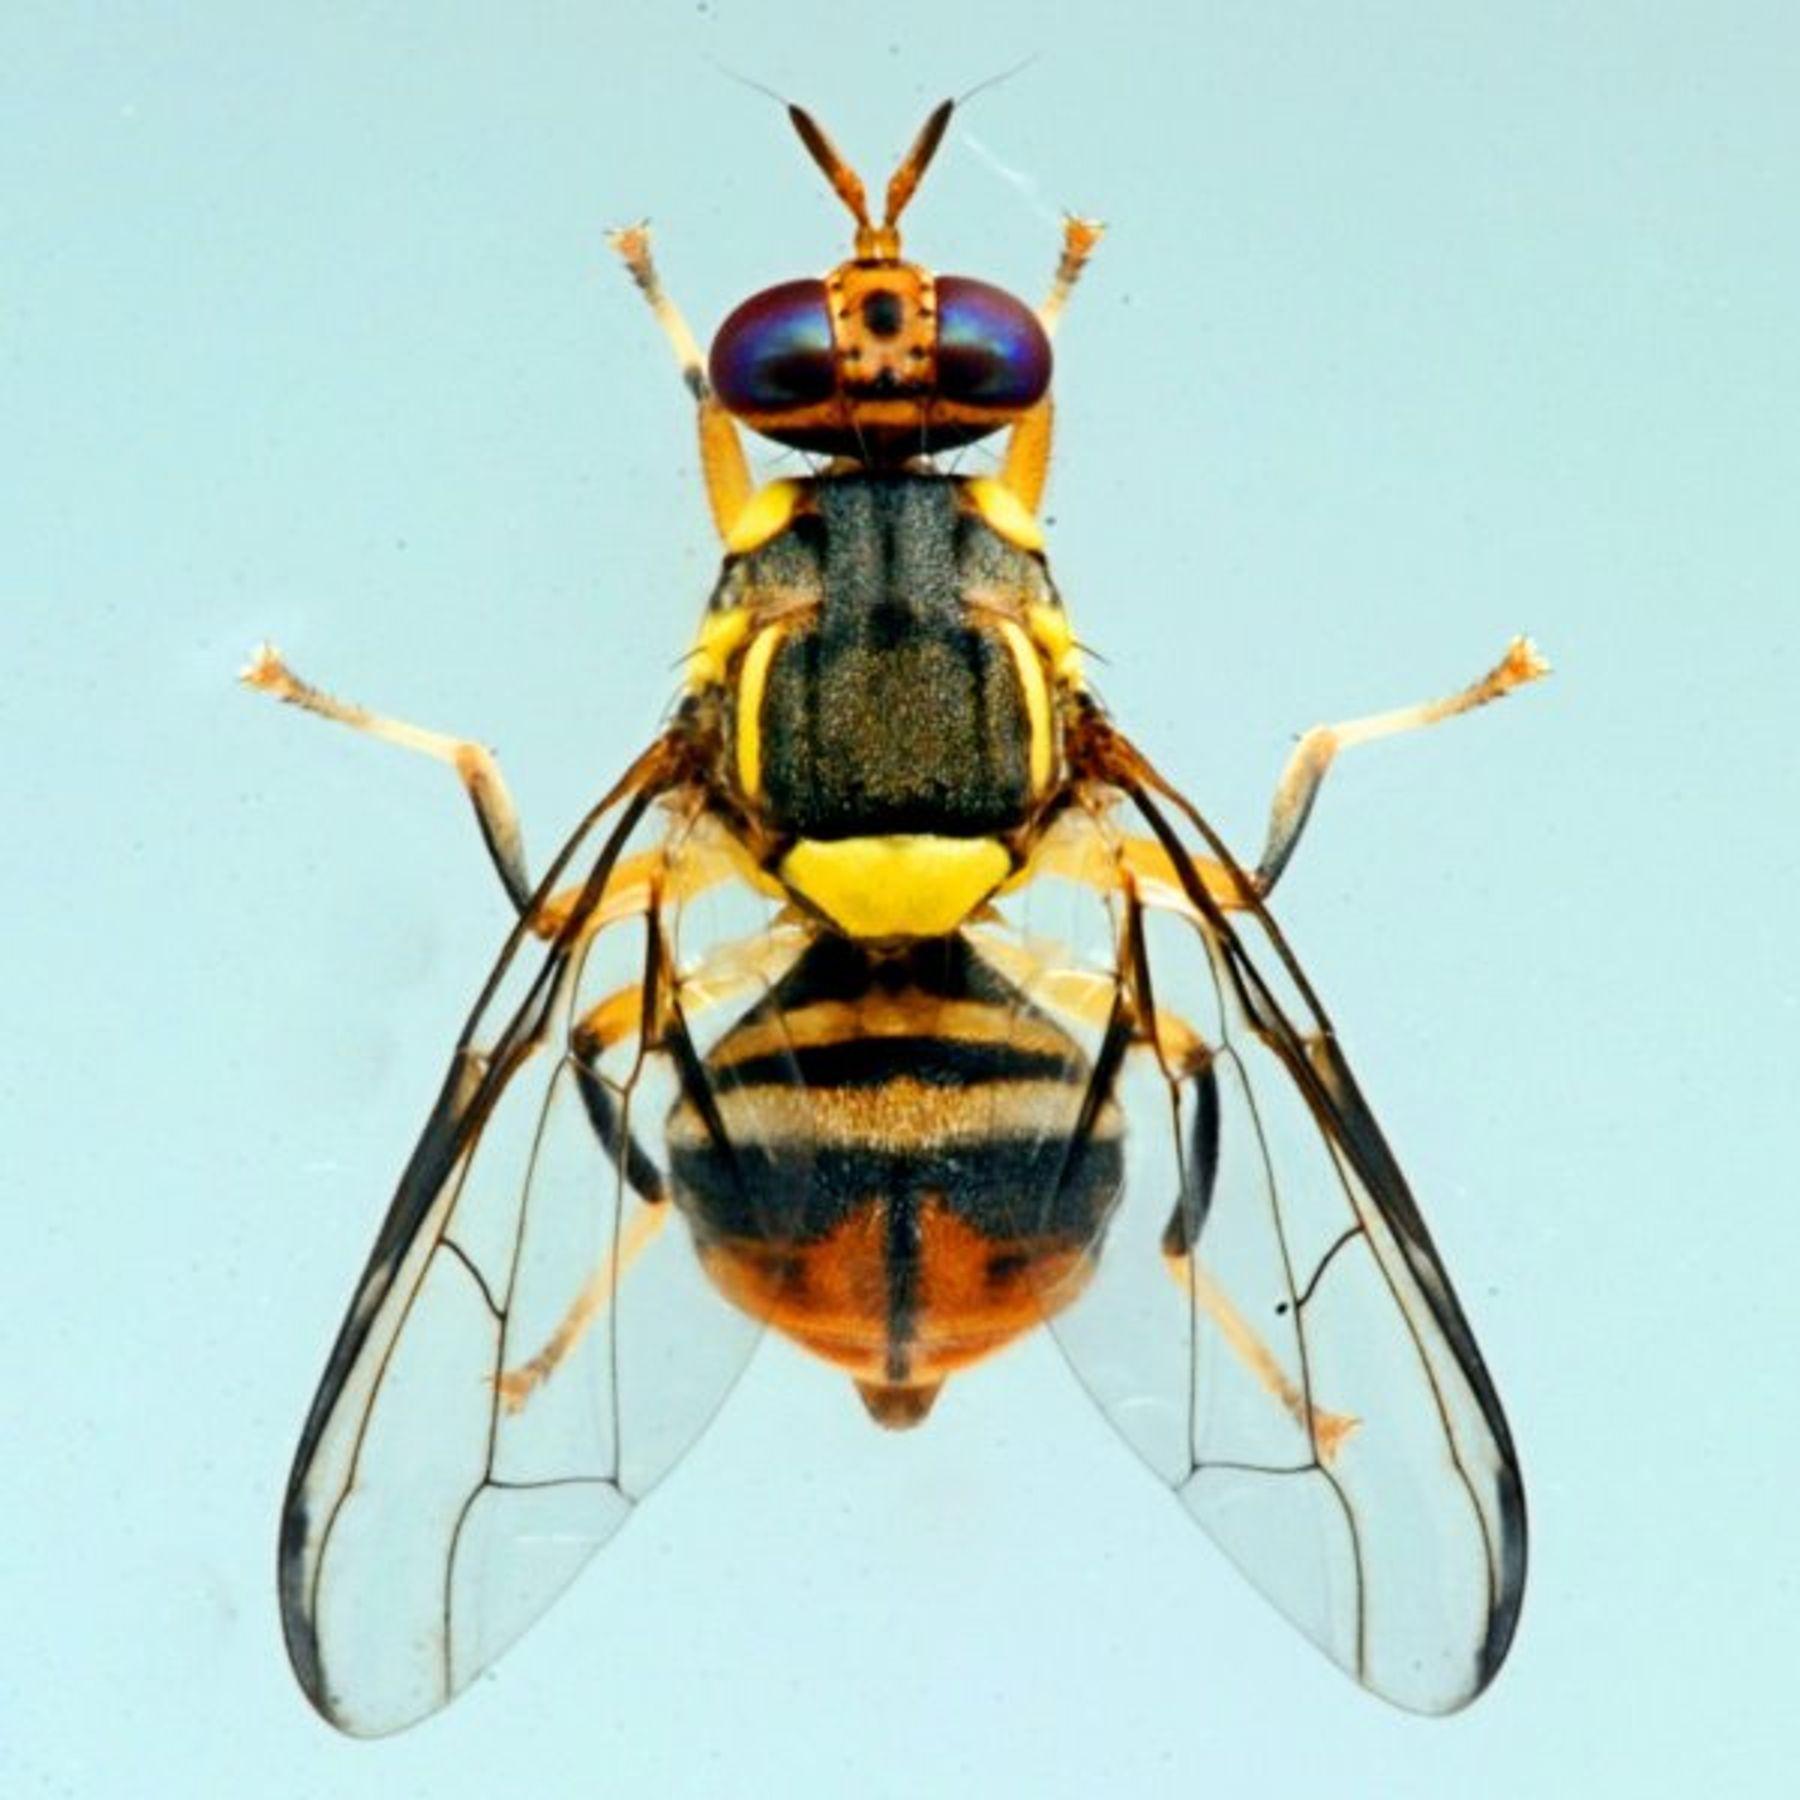 Step 10: Cách đuổi ruồi vàng bằng băng phiến hiệu quả